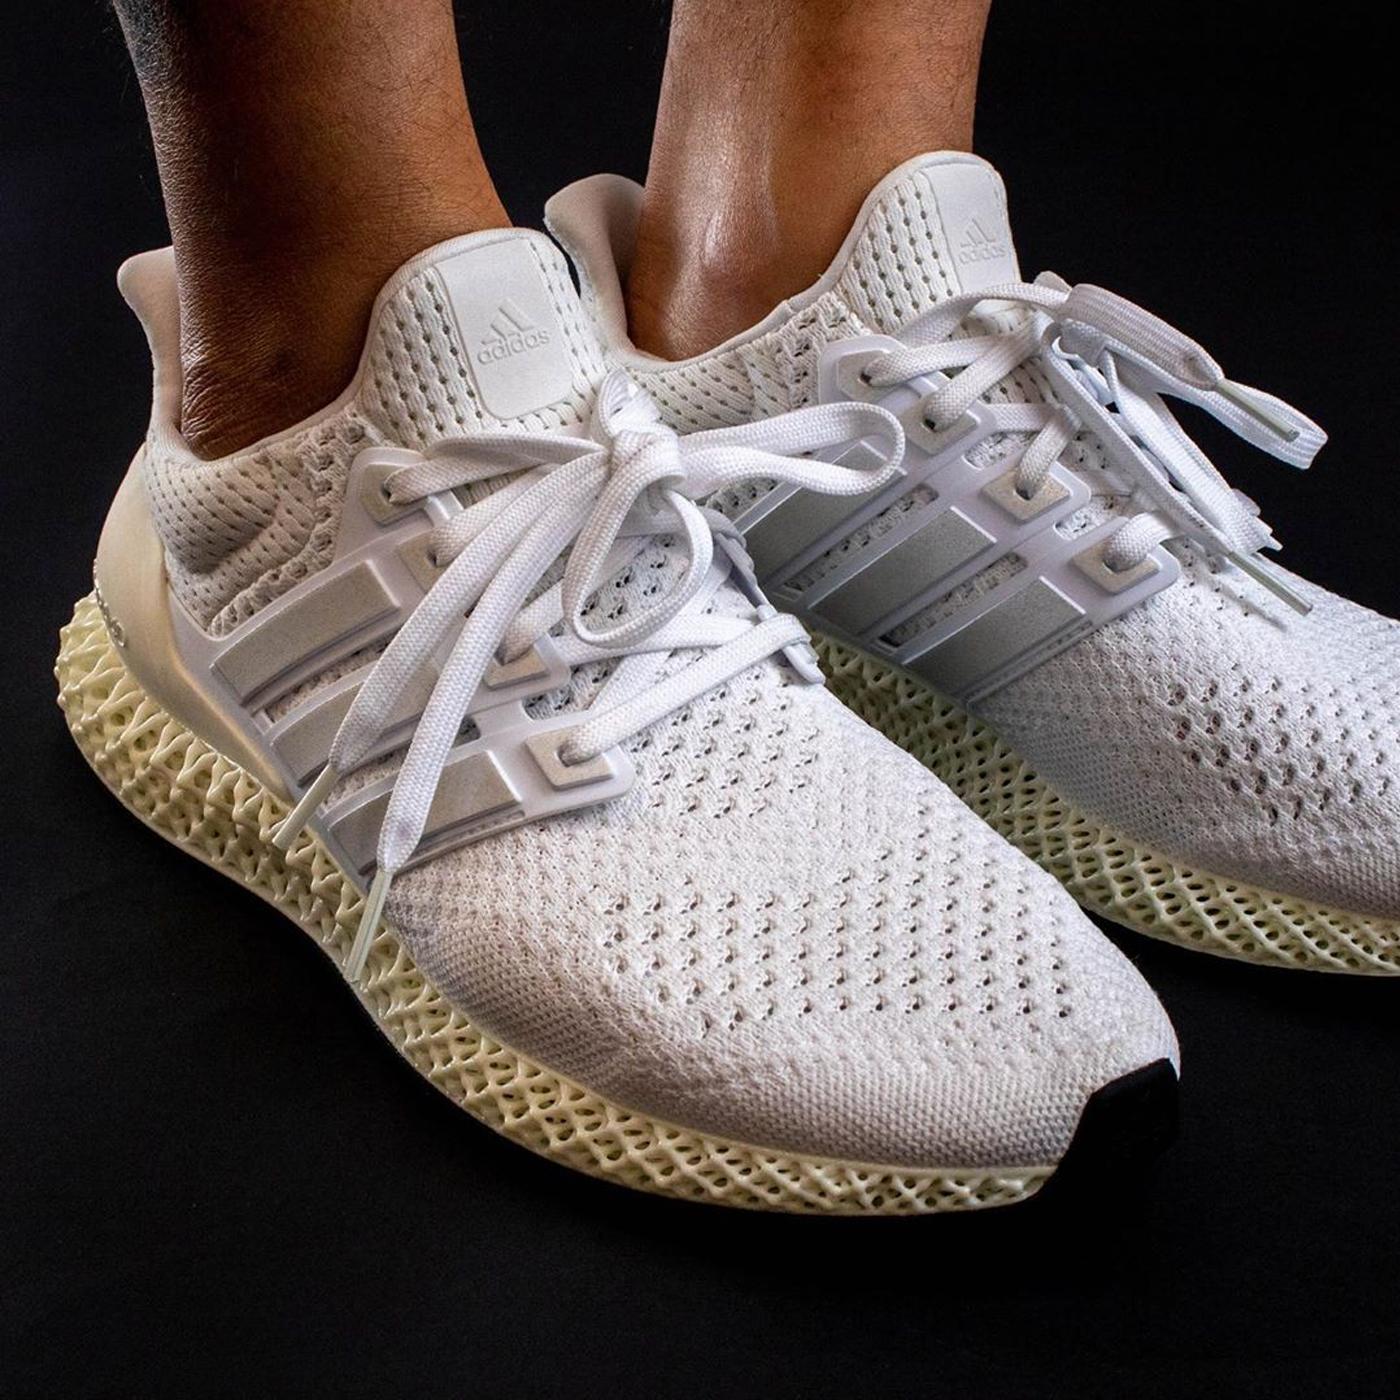 籃球鞋,球鞋趨勢,2020球鞋,2020鞋款,鞋款,球鞋,Adidas Ultra 4D,Travis Scott x Nike Air Max 270 React,AURALEE New Balance COMP 100,New Balance M992